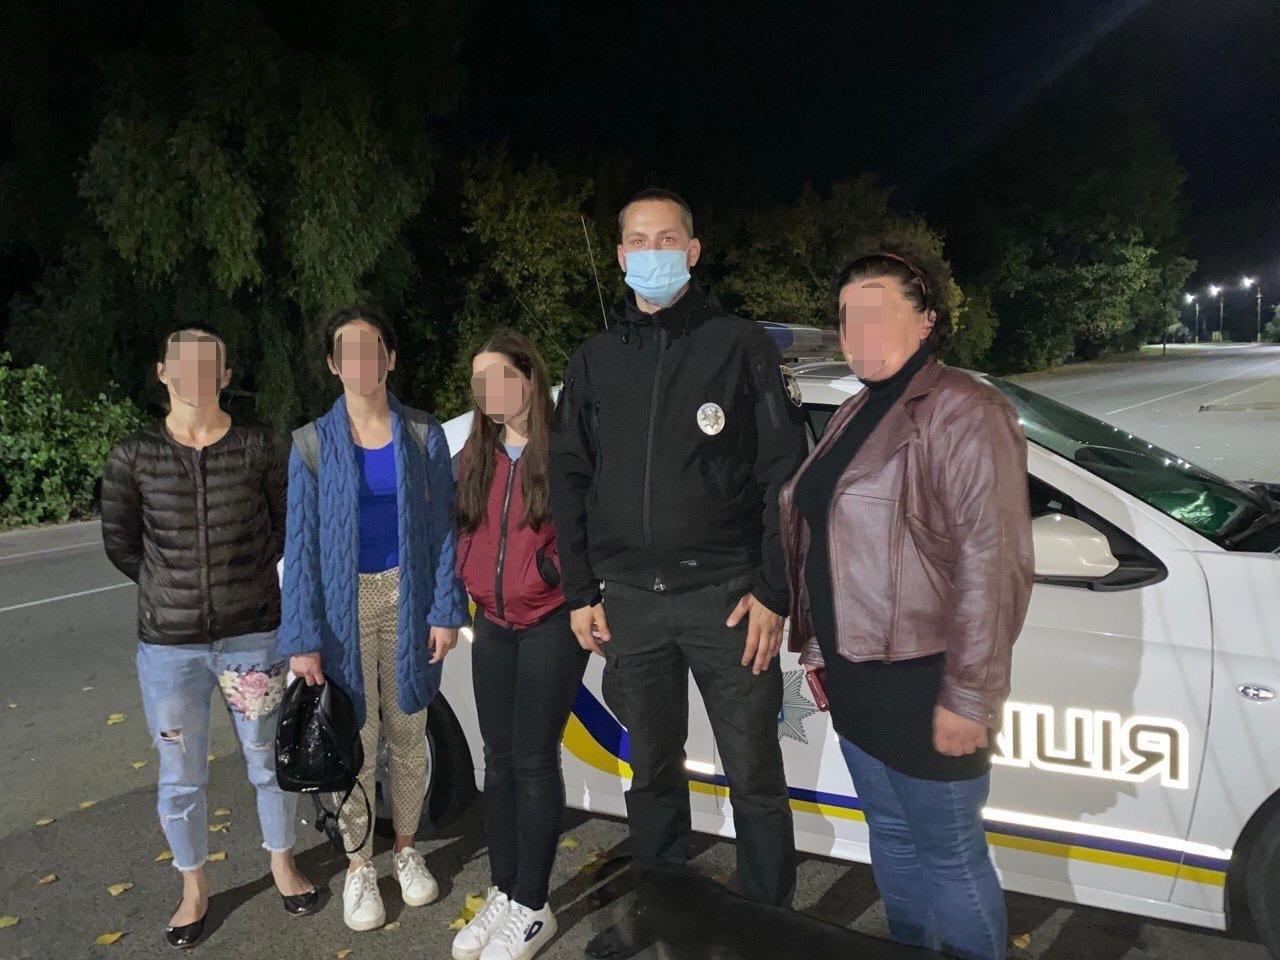 Поліцейські Вишгородщини розшукали чотирьох юних втікачів - розшук дітей, Вишгородський район - VTNCHA